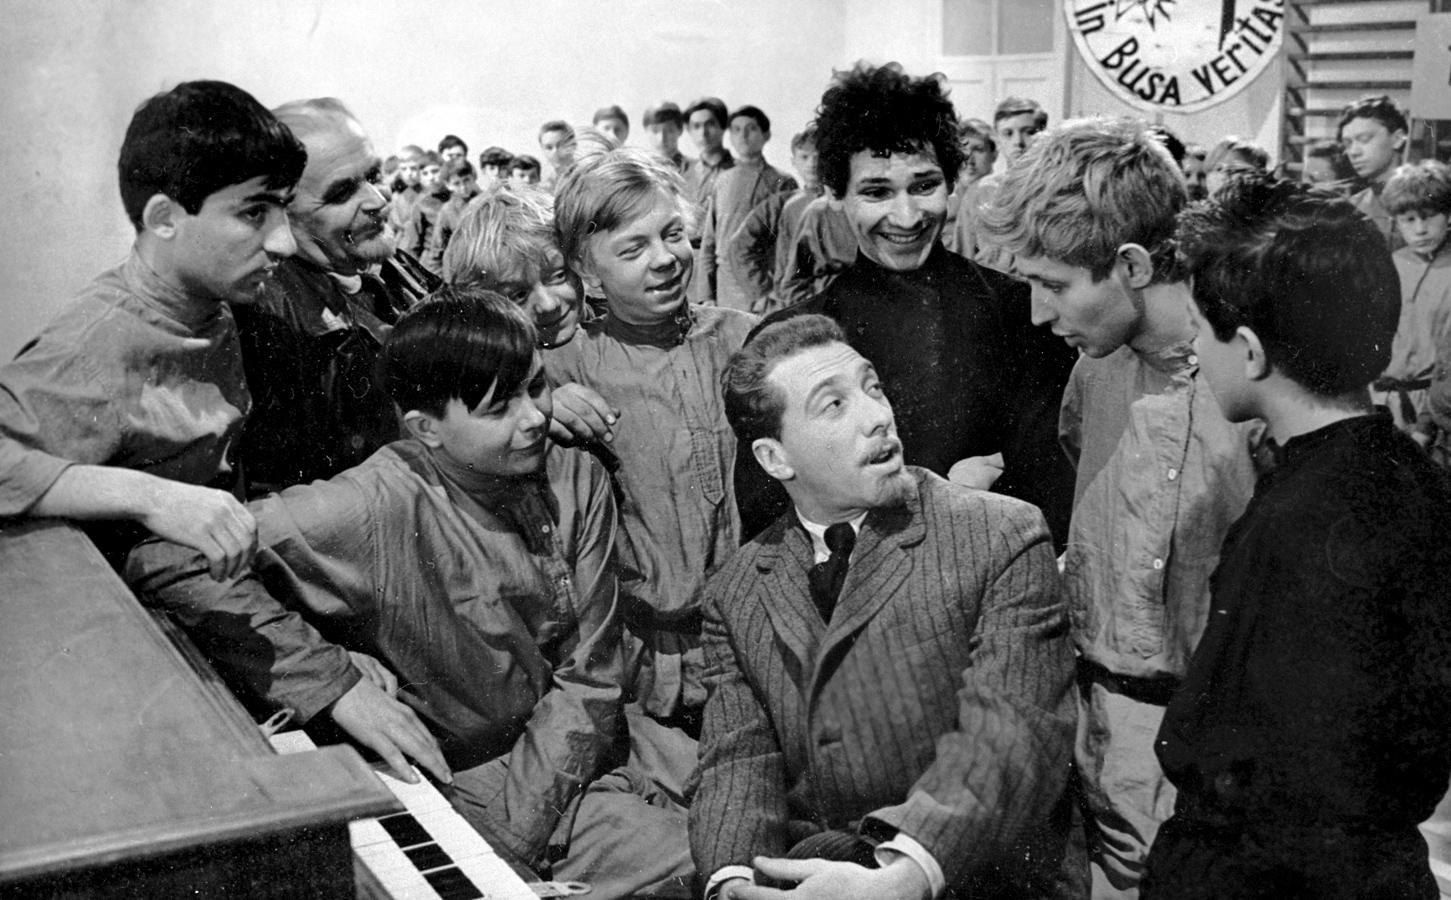 République CHKID. L'idée de rééduquer les adolescents difficiles était populaire en URSS.